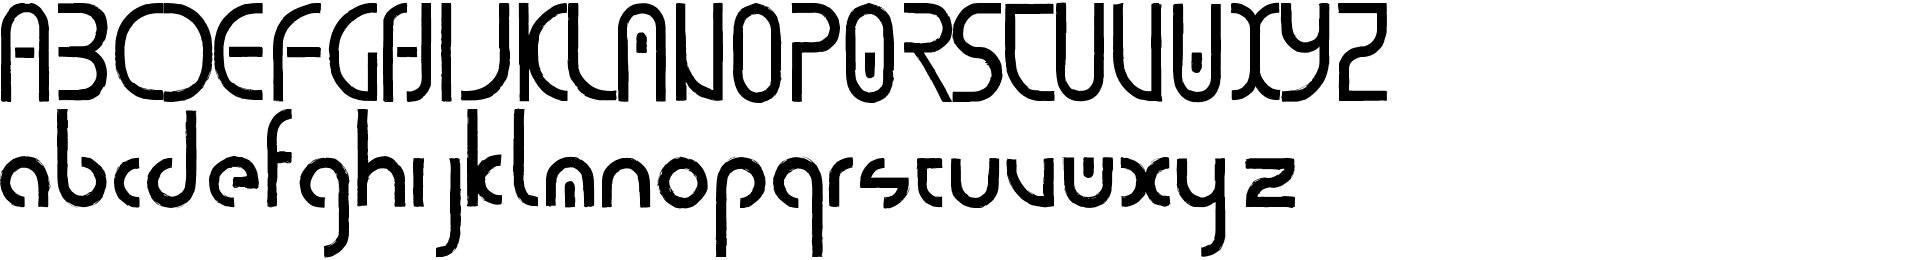 purecircles